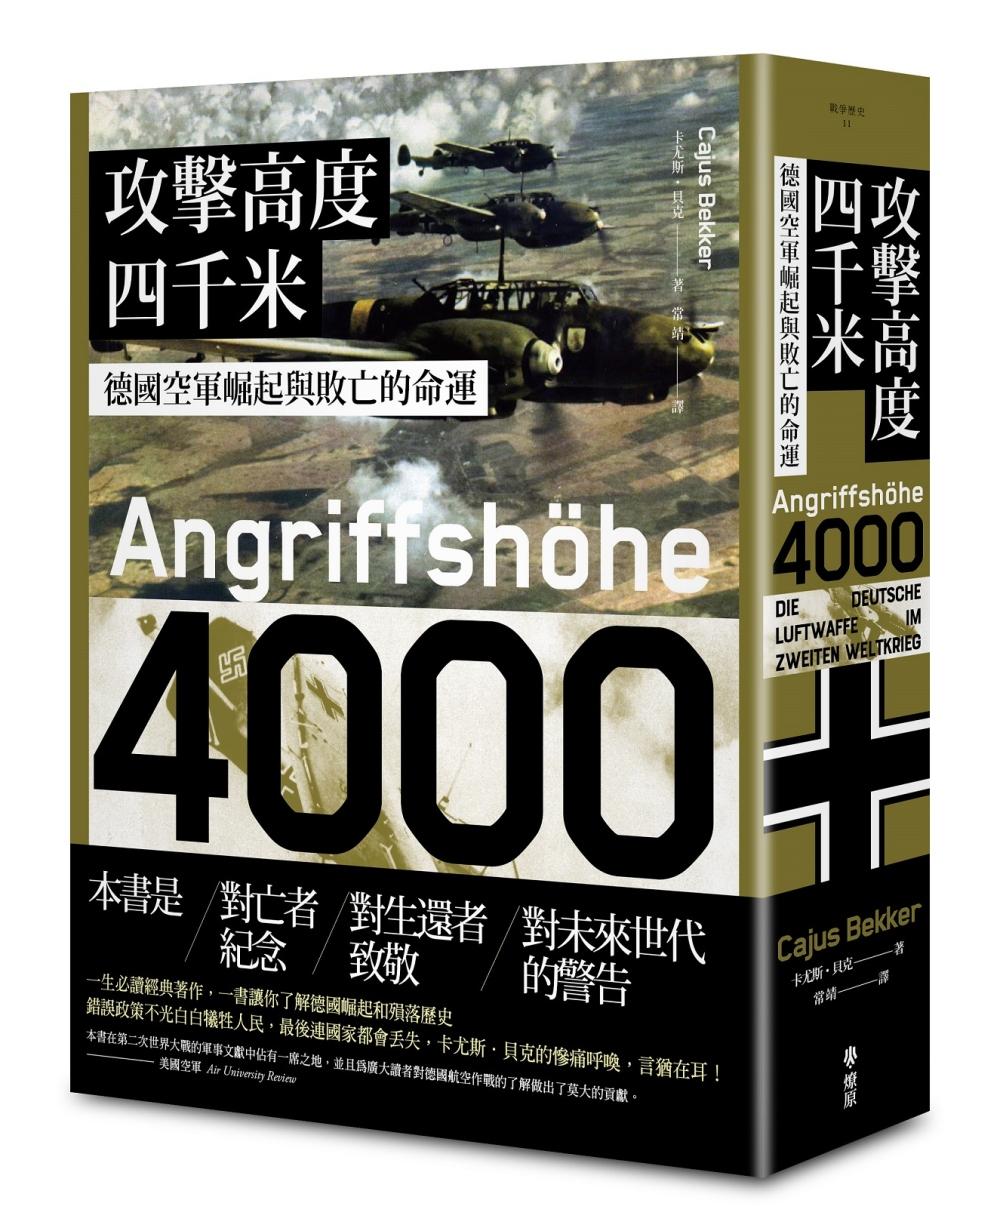 攻擊高度四千米:德國空軍崛起與...